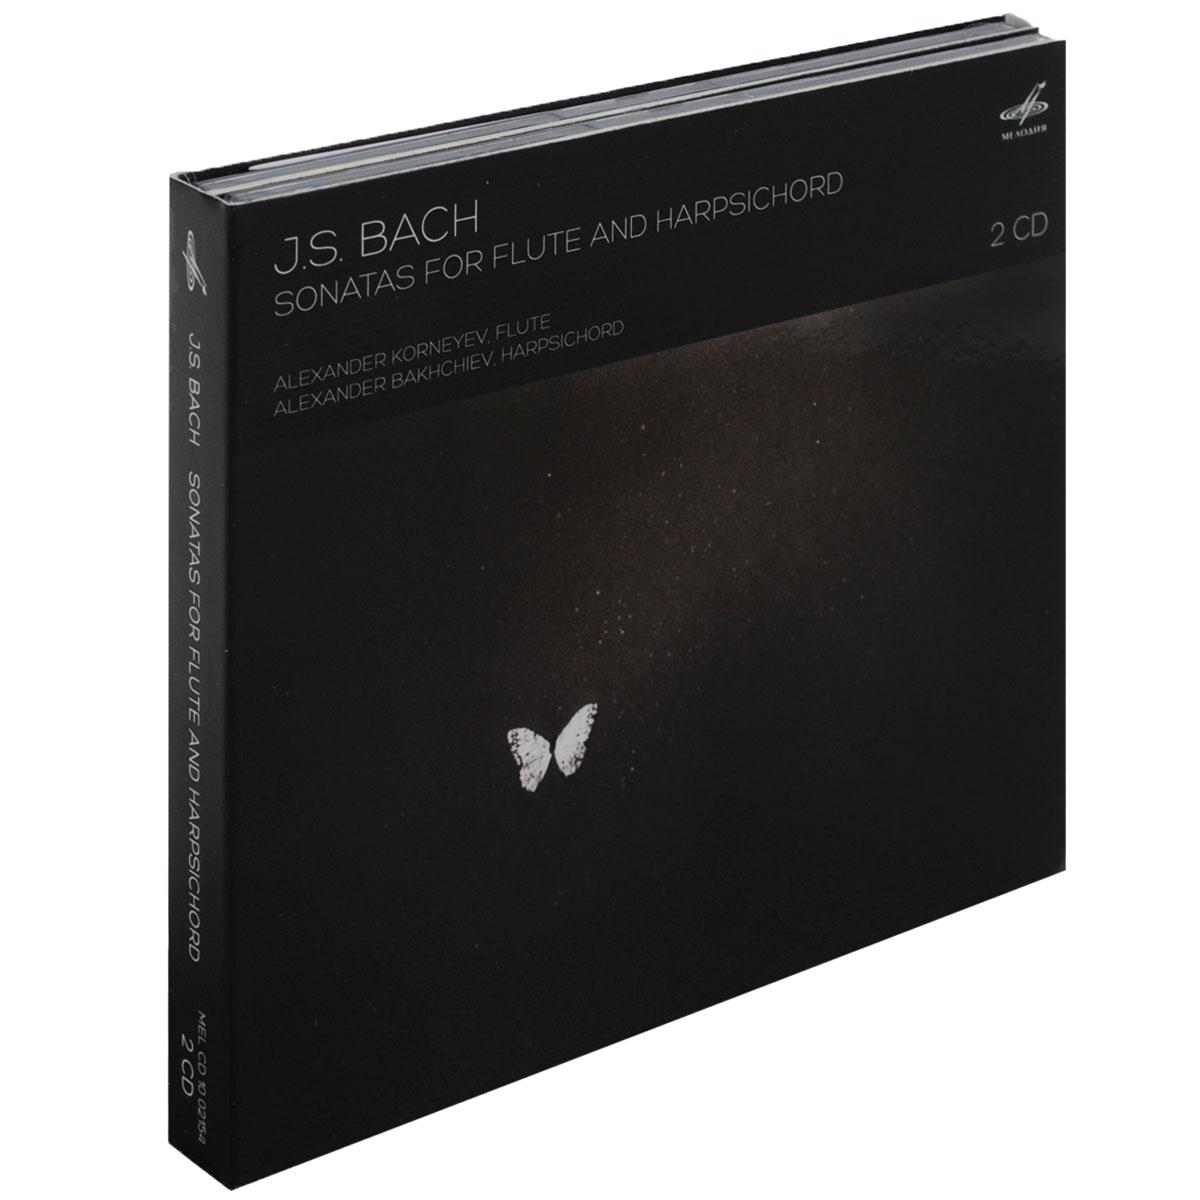 J. S. Bach. Sonatas For Flute And Harpsichord (2 CD) w middelschulte konzert uber ein thema von j s bach